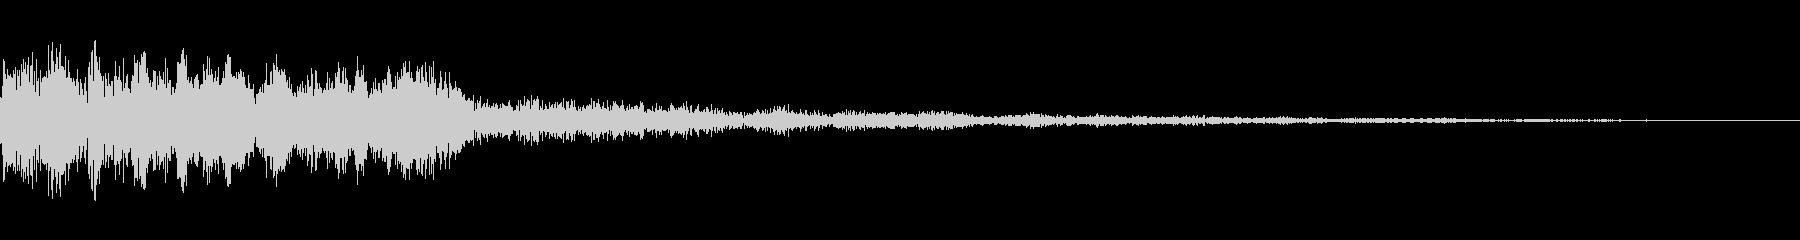 キラキラしたかわいい音です。の未再生の波形